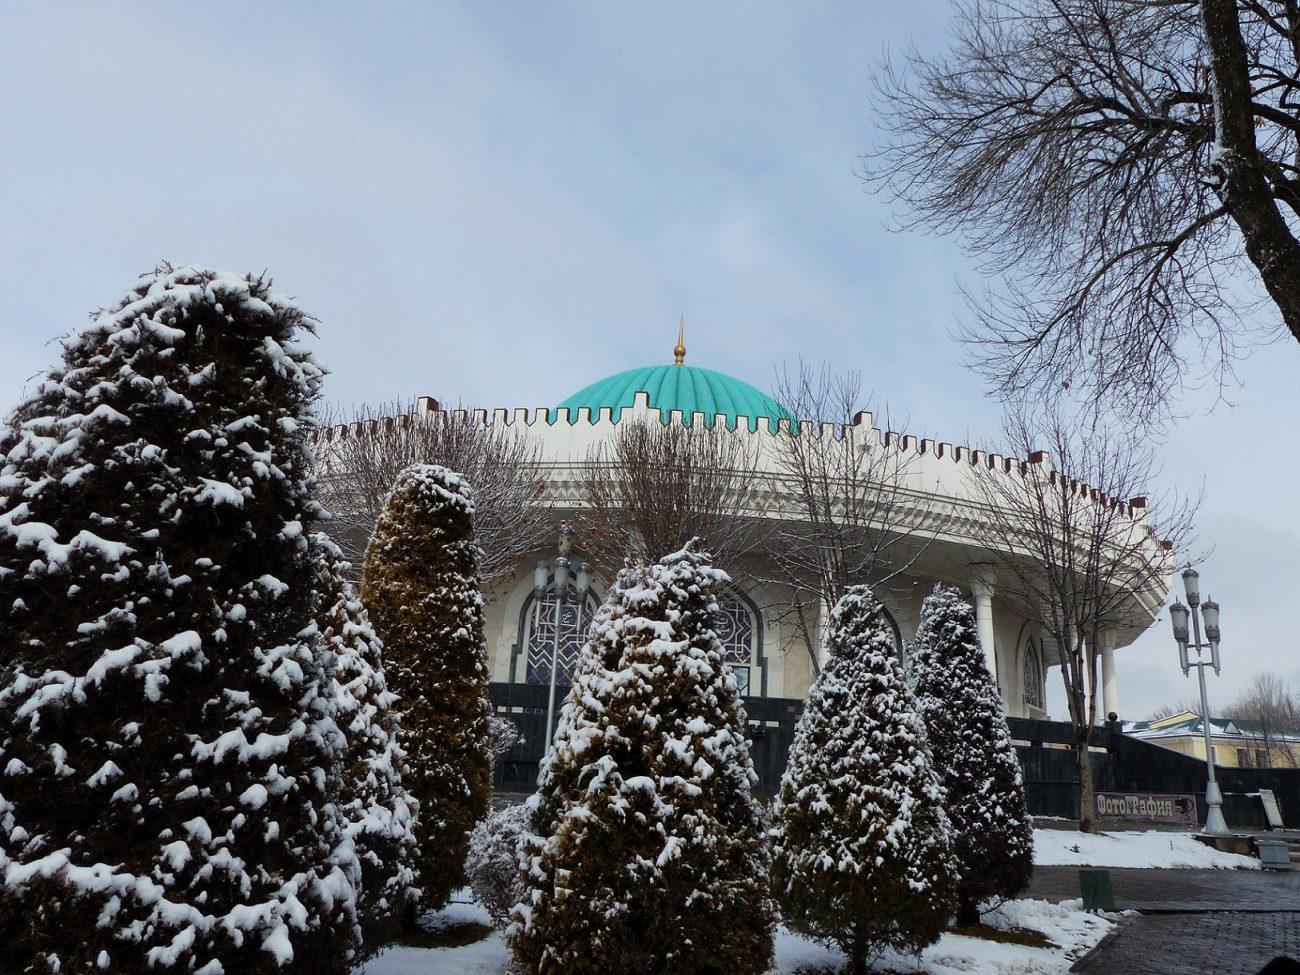 Musée Amir Timour Tachkent Ouzbékistan Neige Architecture